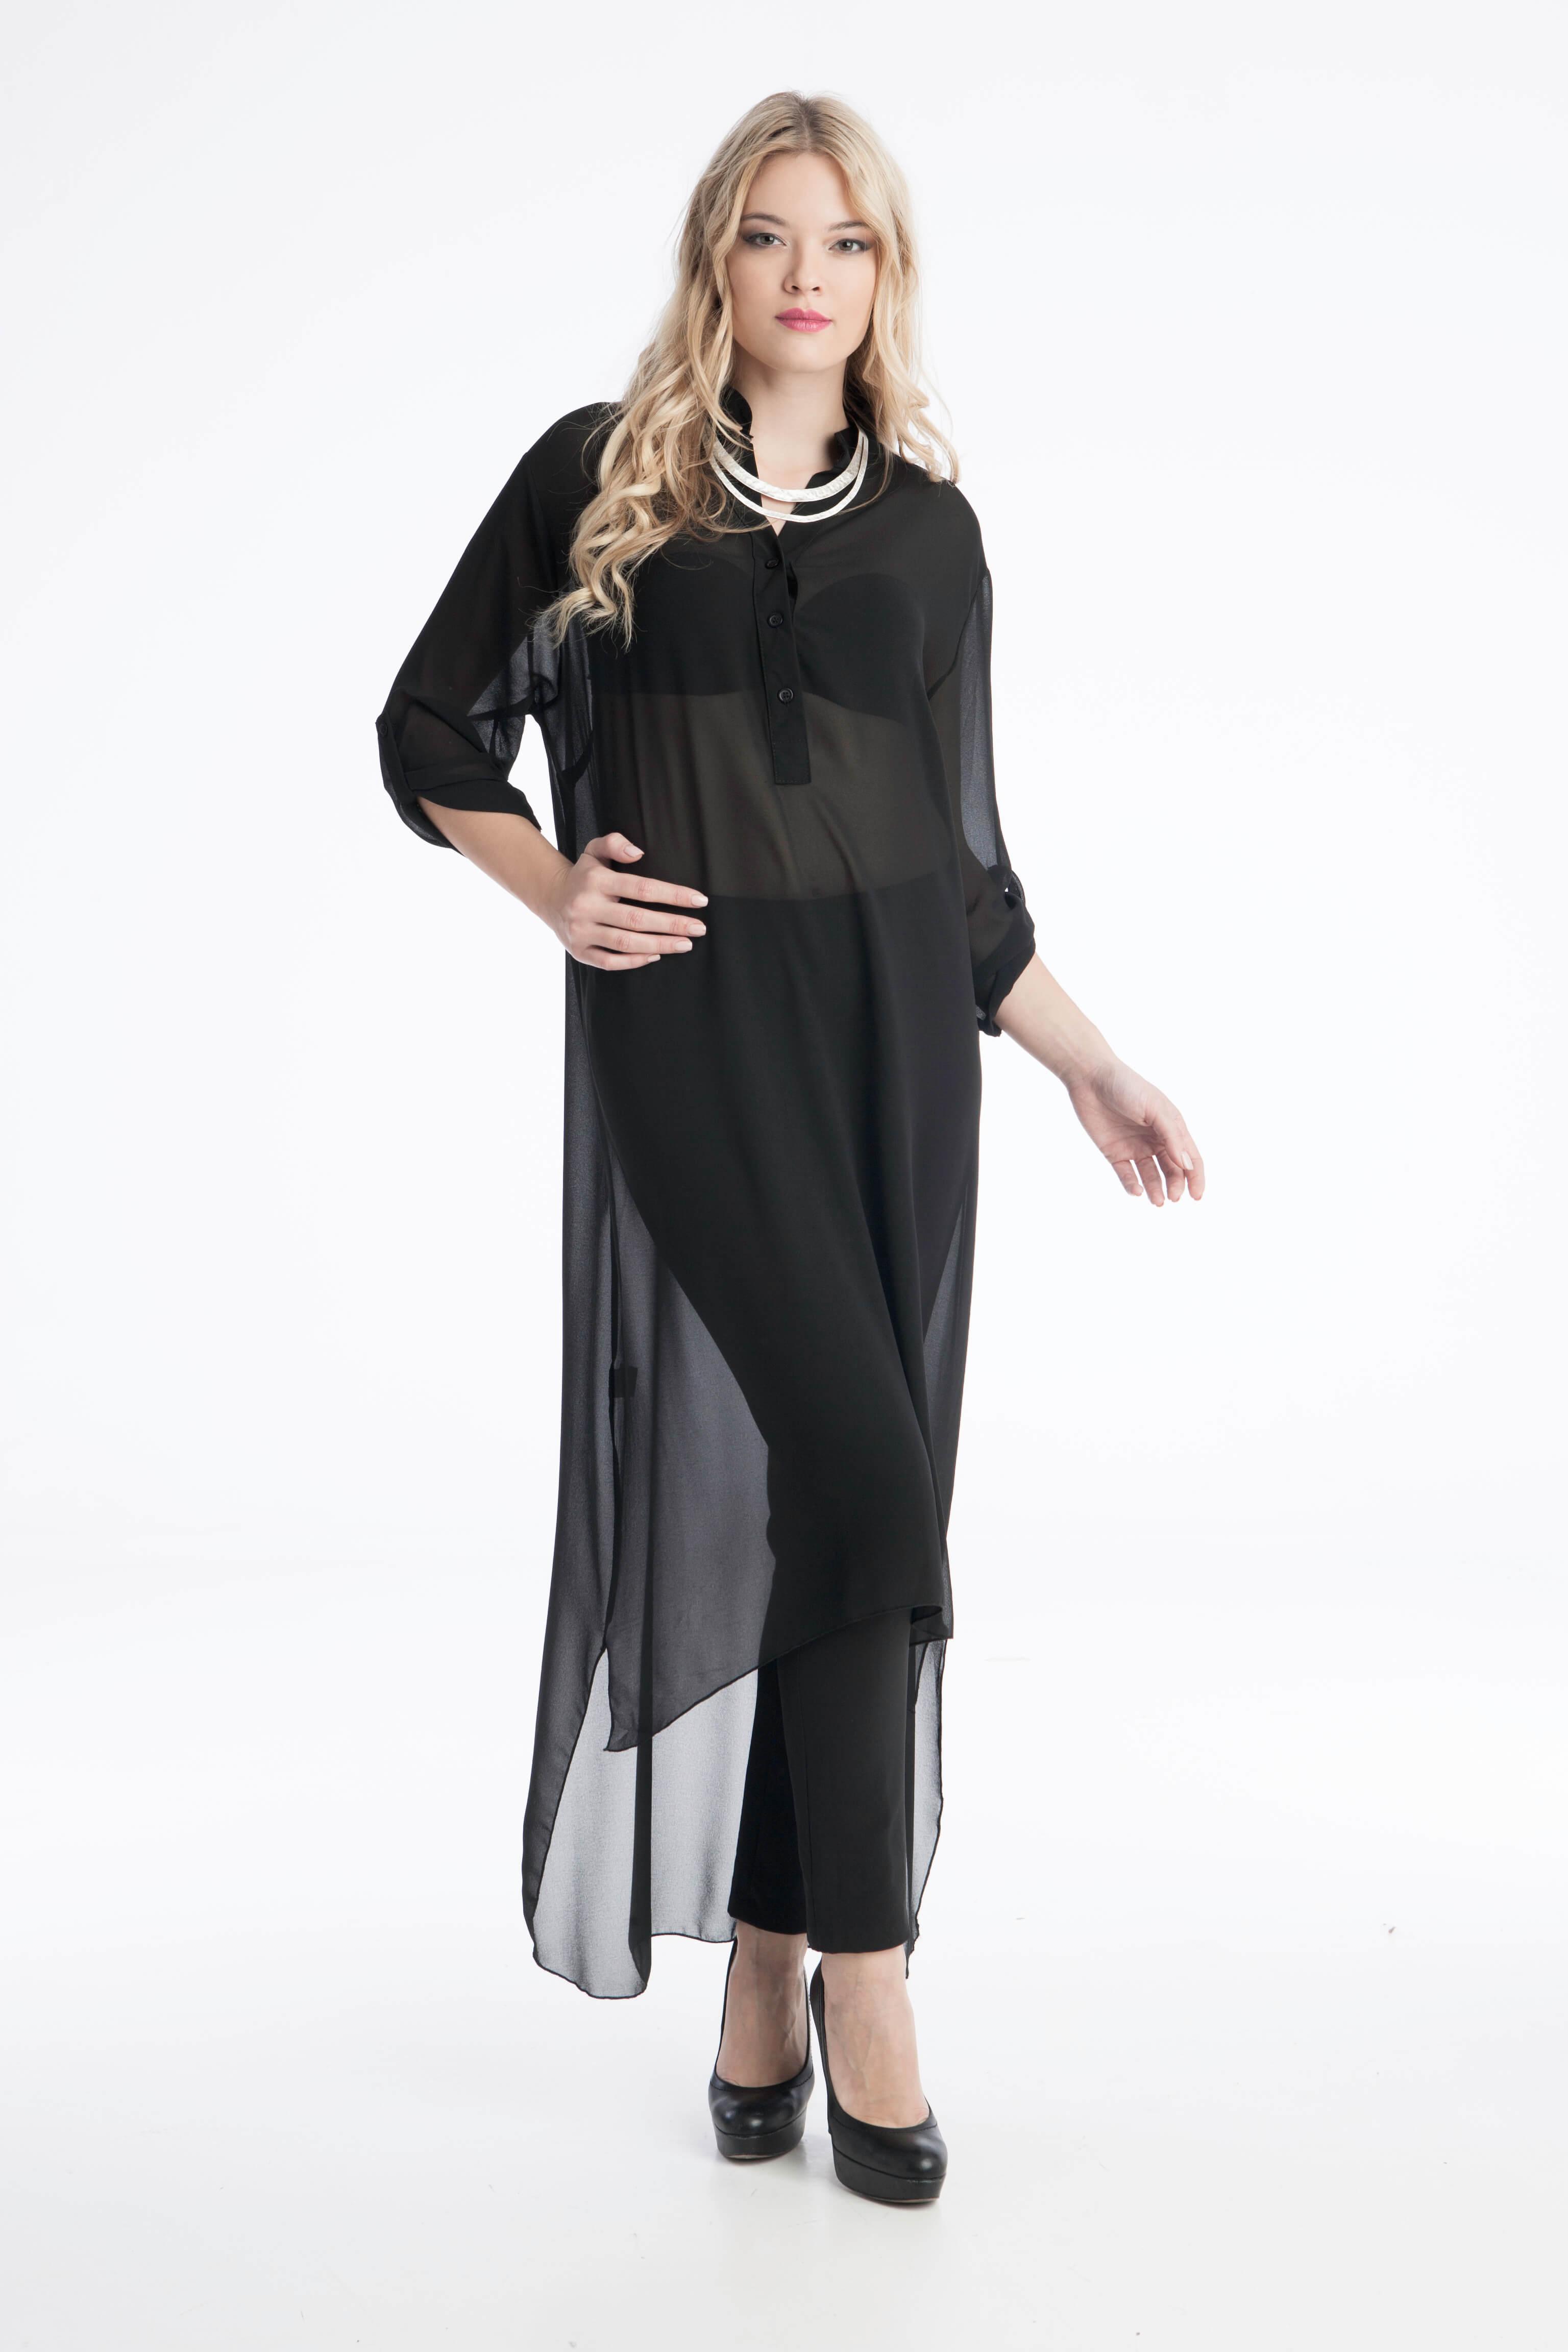 51c9843039a6 Γυναικείο Τούνικ Μακρύ Διάφανο - Μαύρο - Prestige Fashion